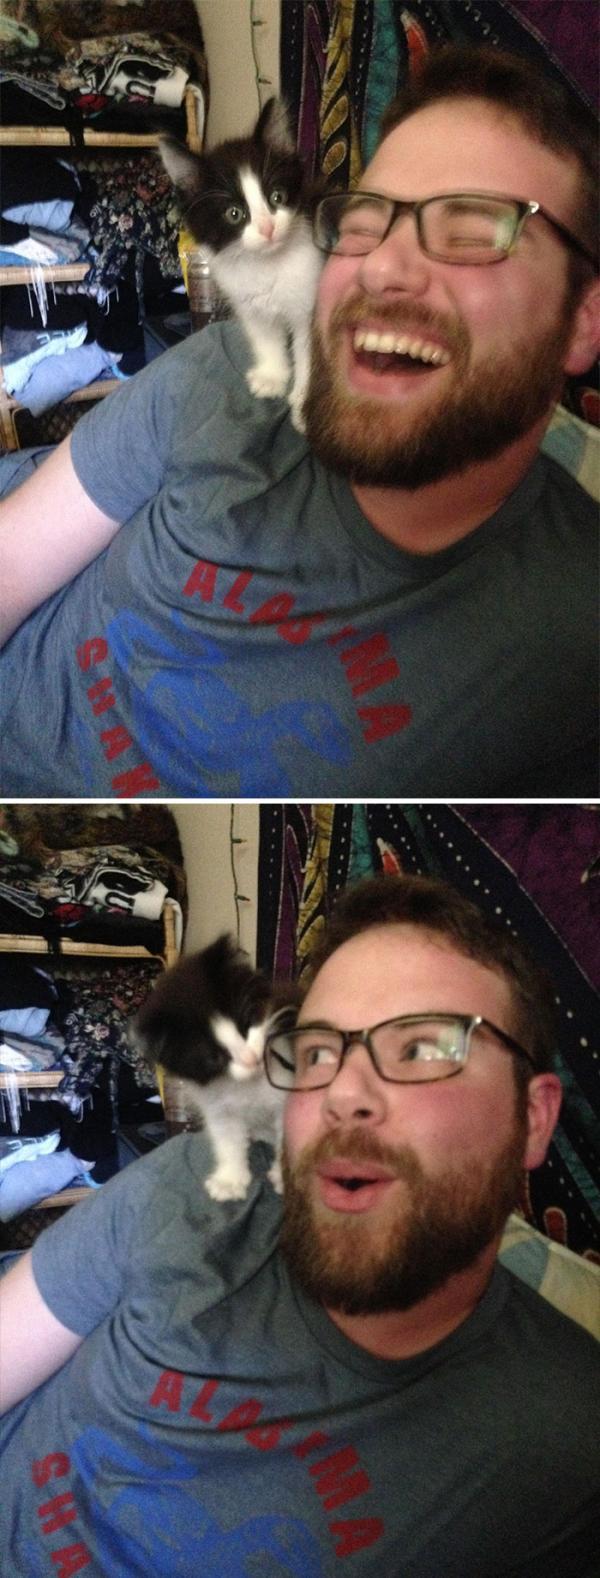 Ai nói cánh mày râu không thích mèo? Loạt ảnh này sẽ chứng minh điều ngược lại!